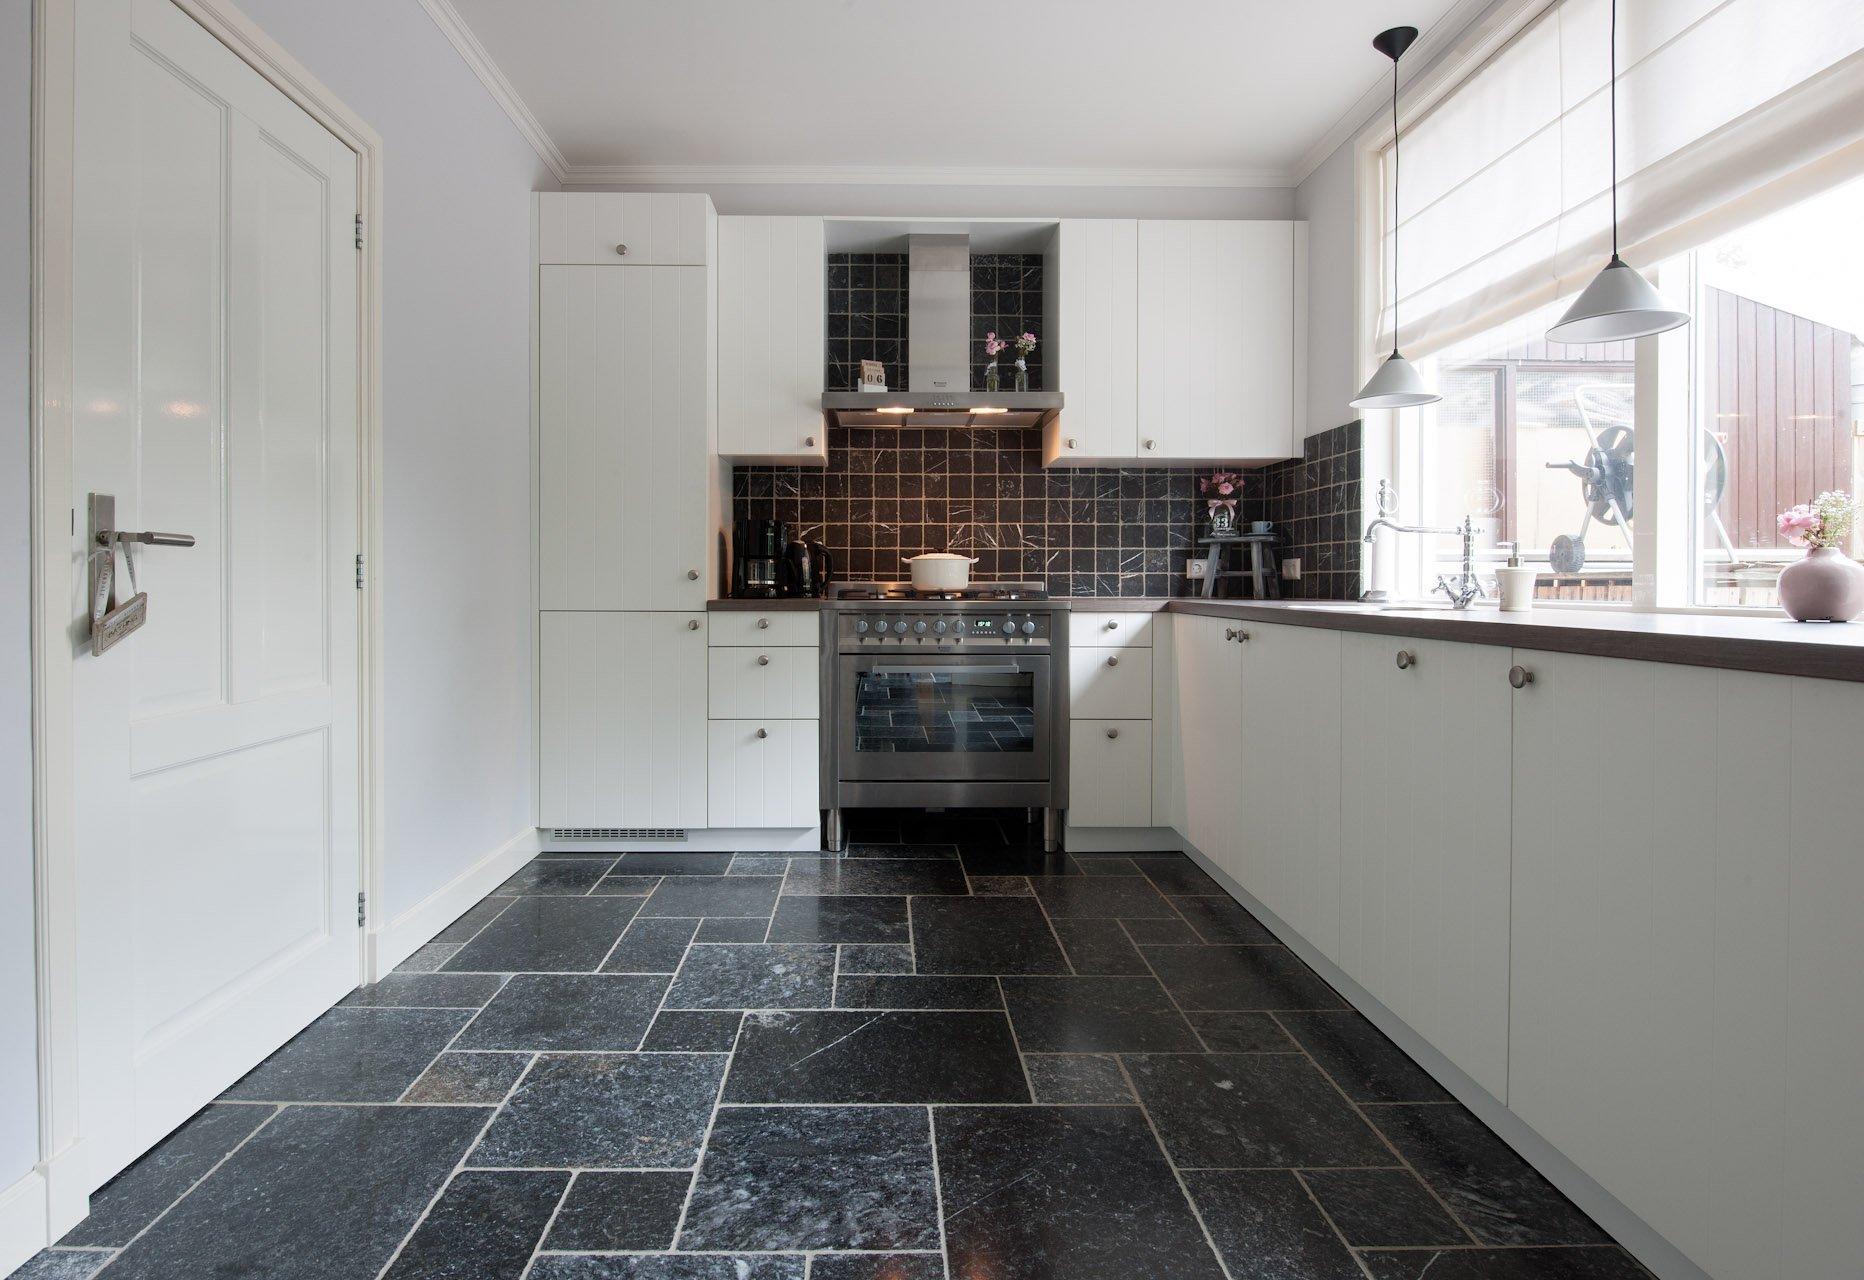 Mooie Keuken Tegels : Natuursteen tegels in Romaans Verband – KROON Vloeren in Steen